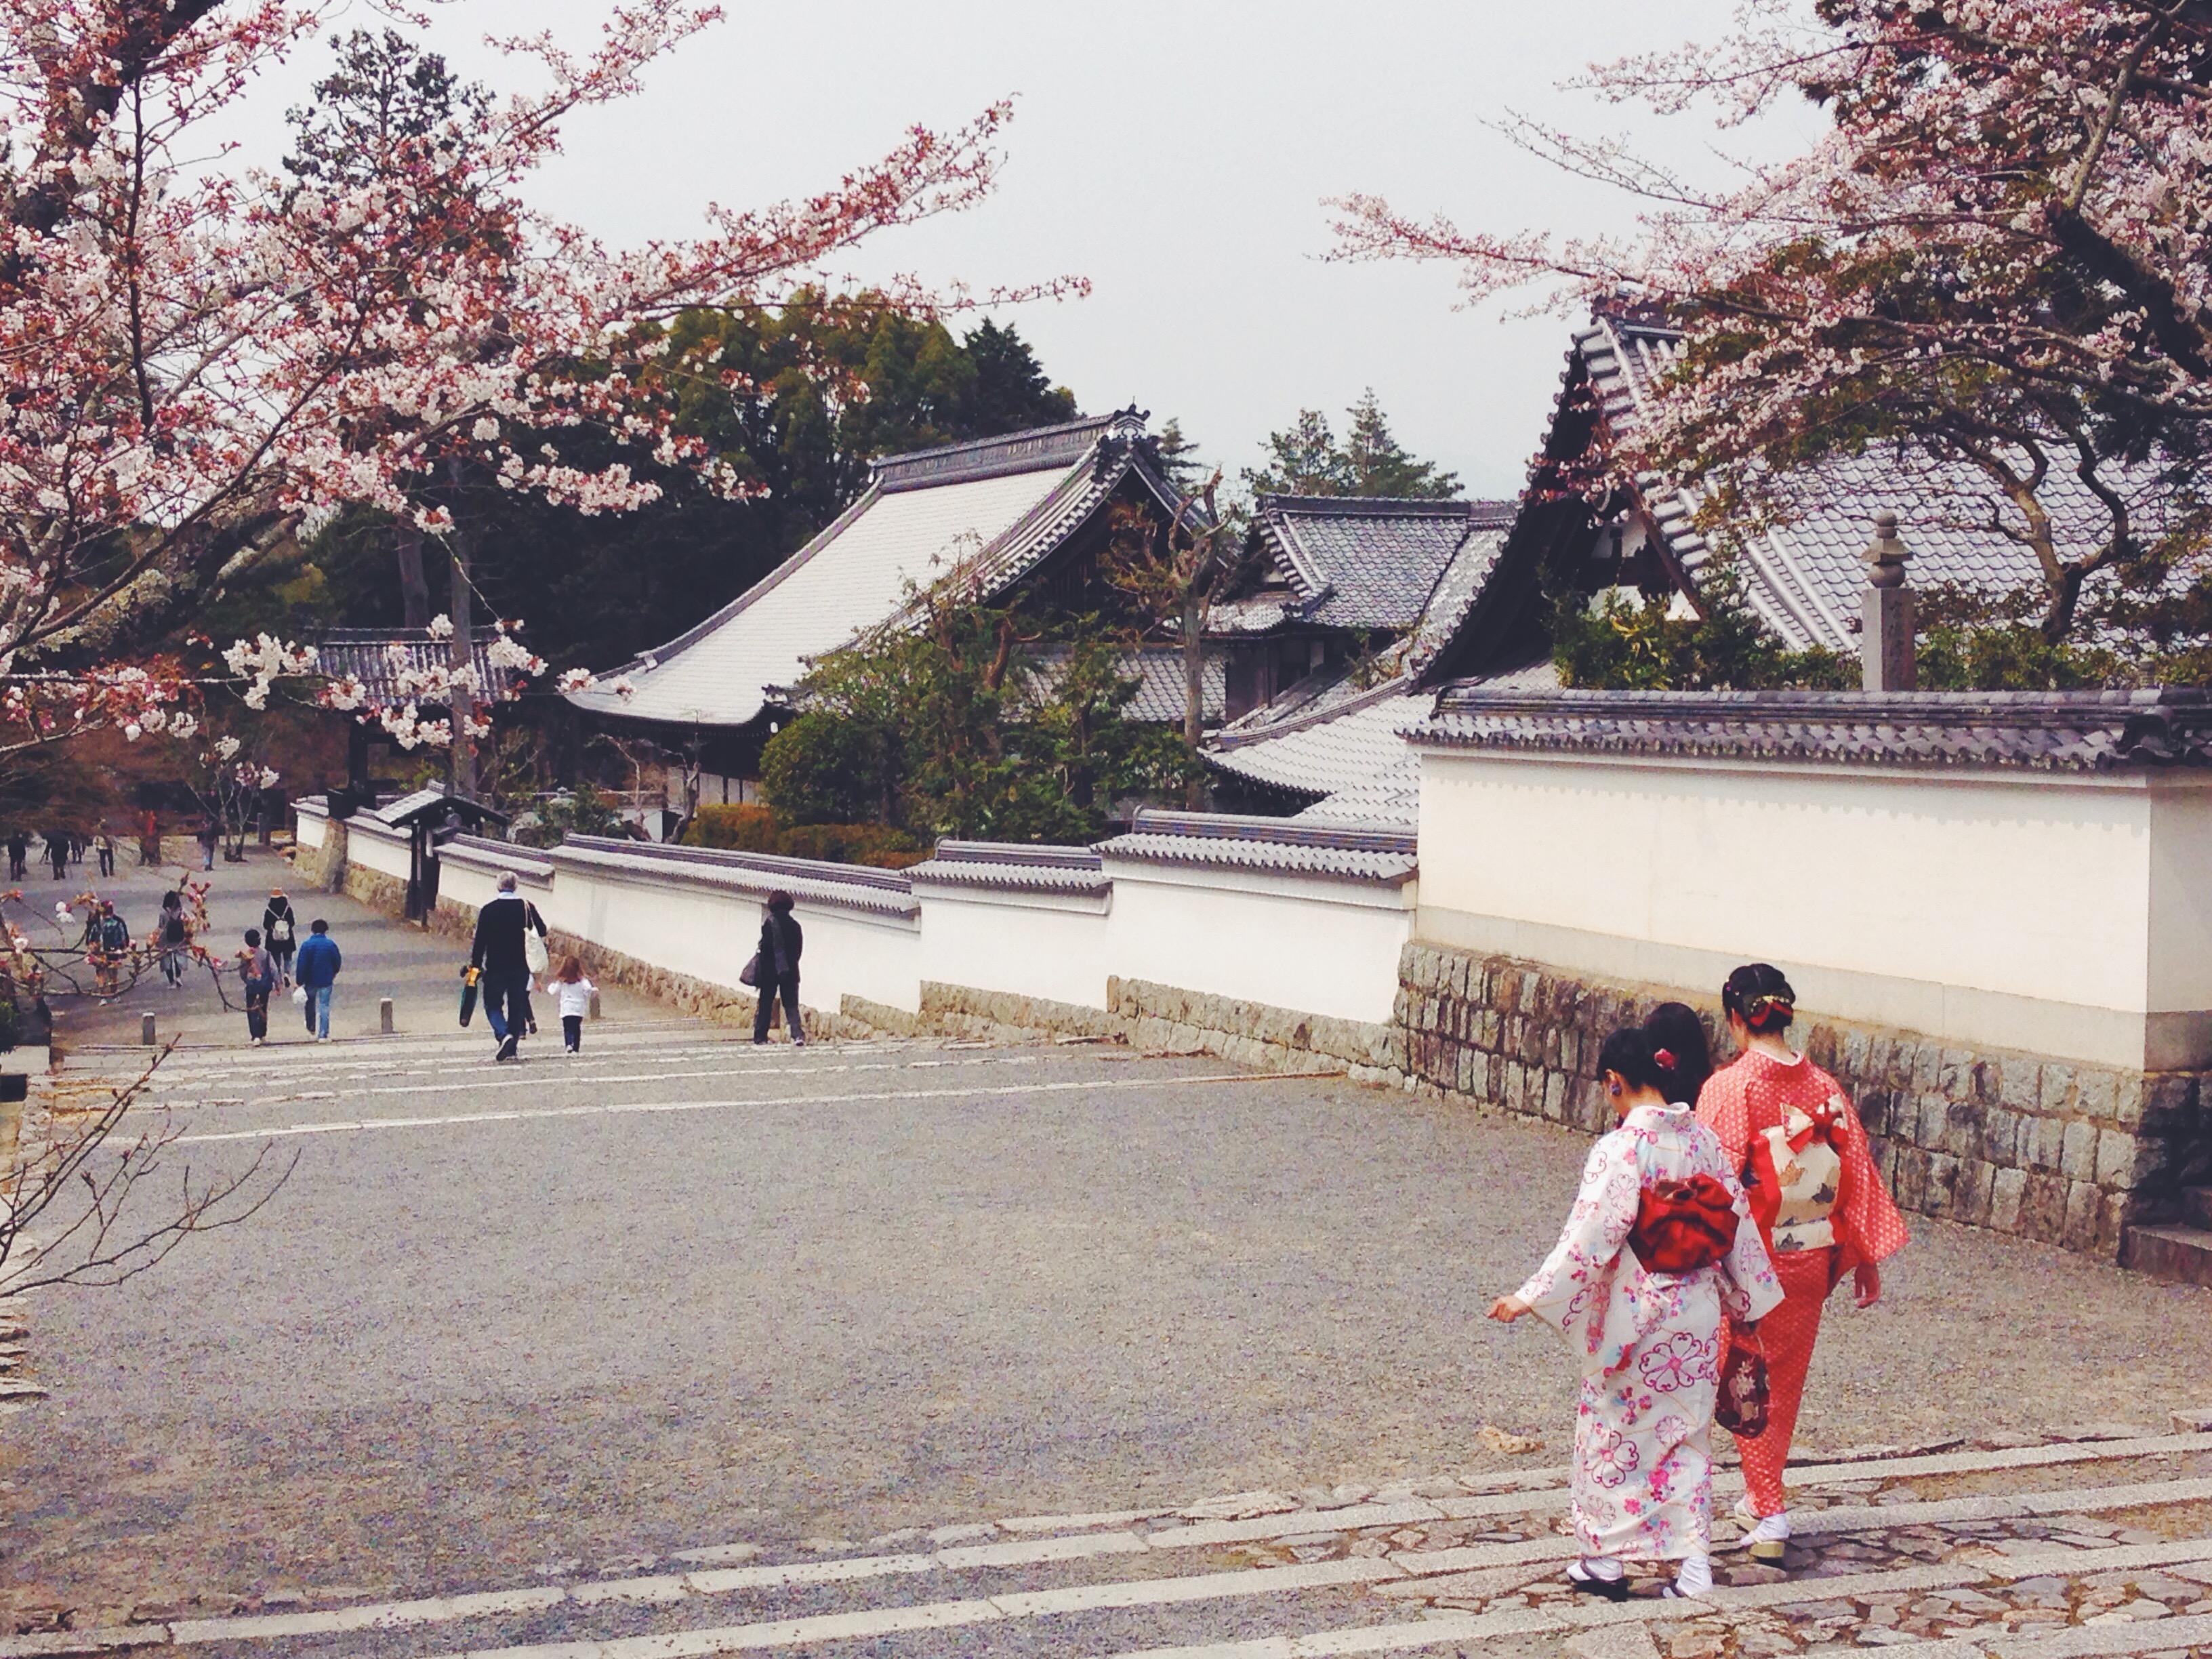 Tempio con sakura e ragazze in kimono in Giappone a Kyoto